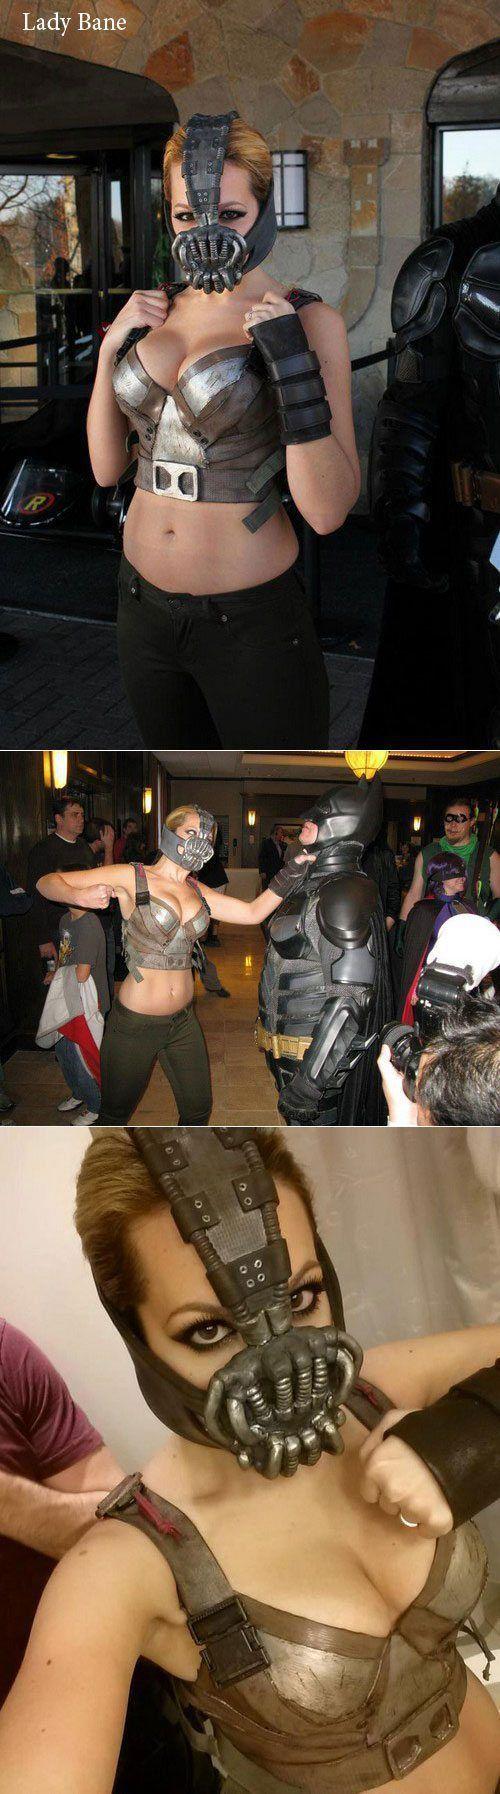 Отпадные фотки бэтмен, косплееры, косплей, костюмы, красивая девушка